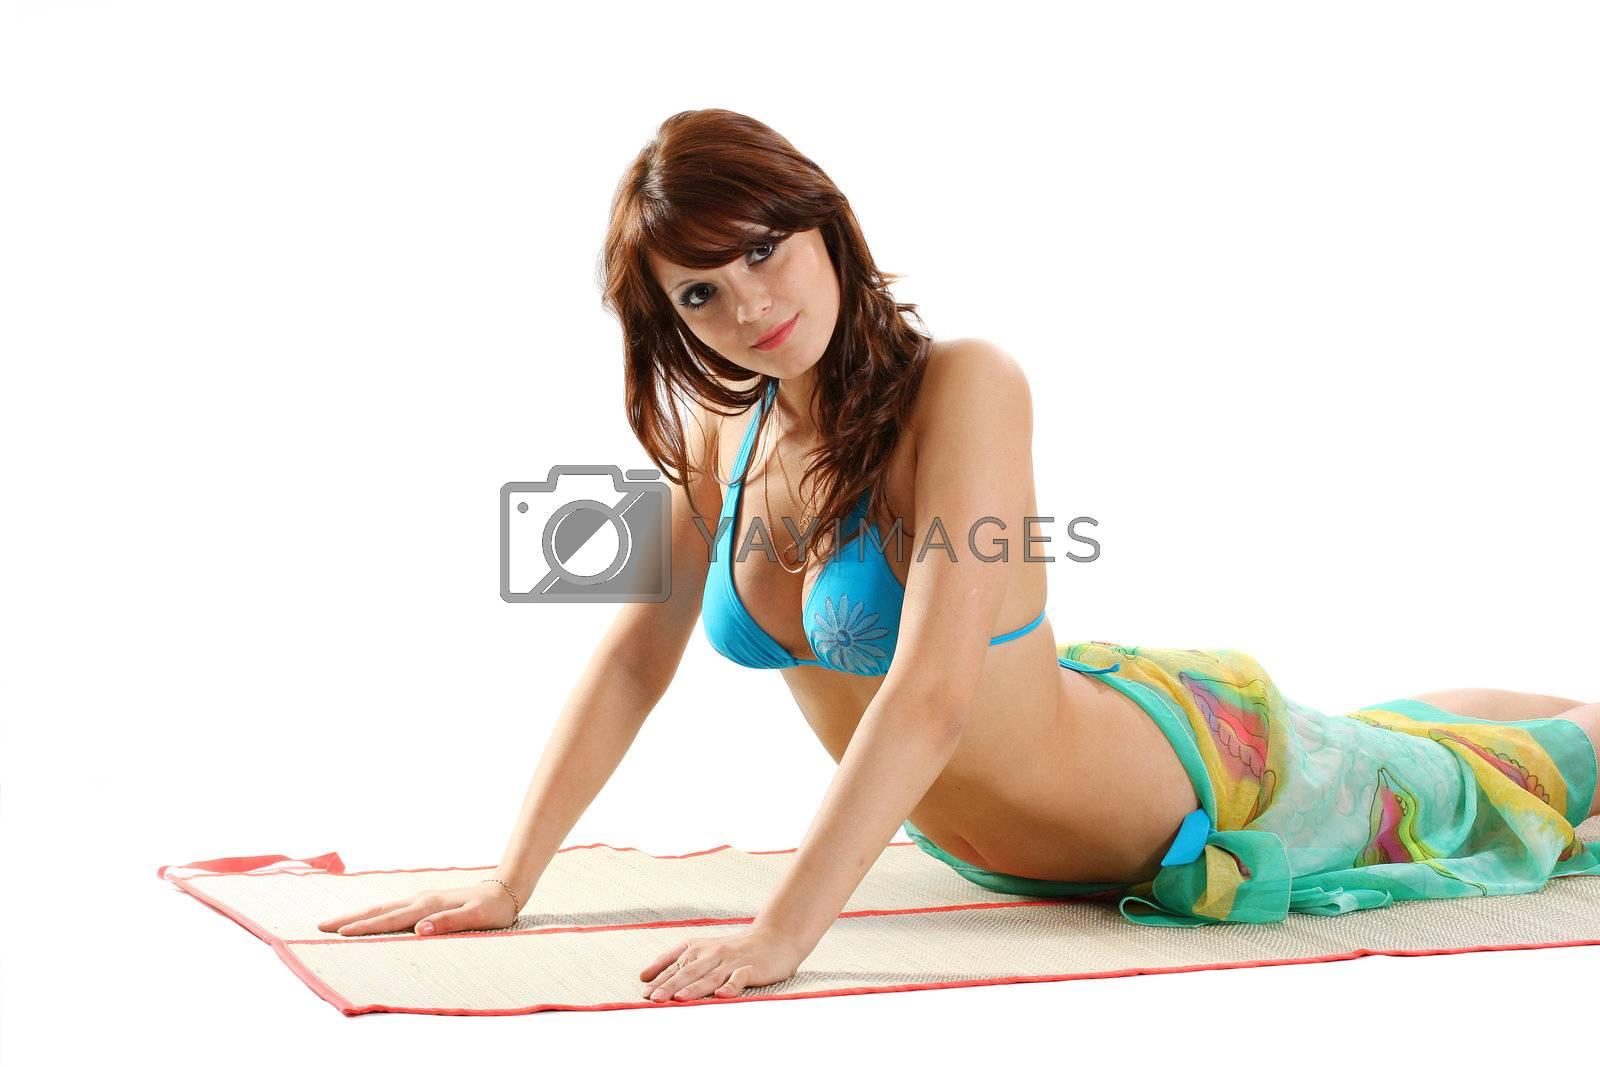 bikini beach body beauty relaxation adult woman